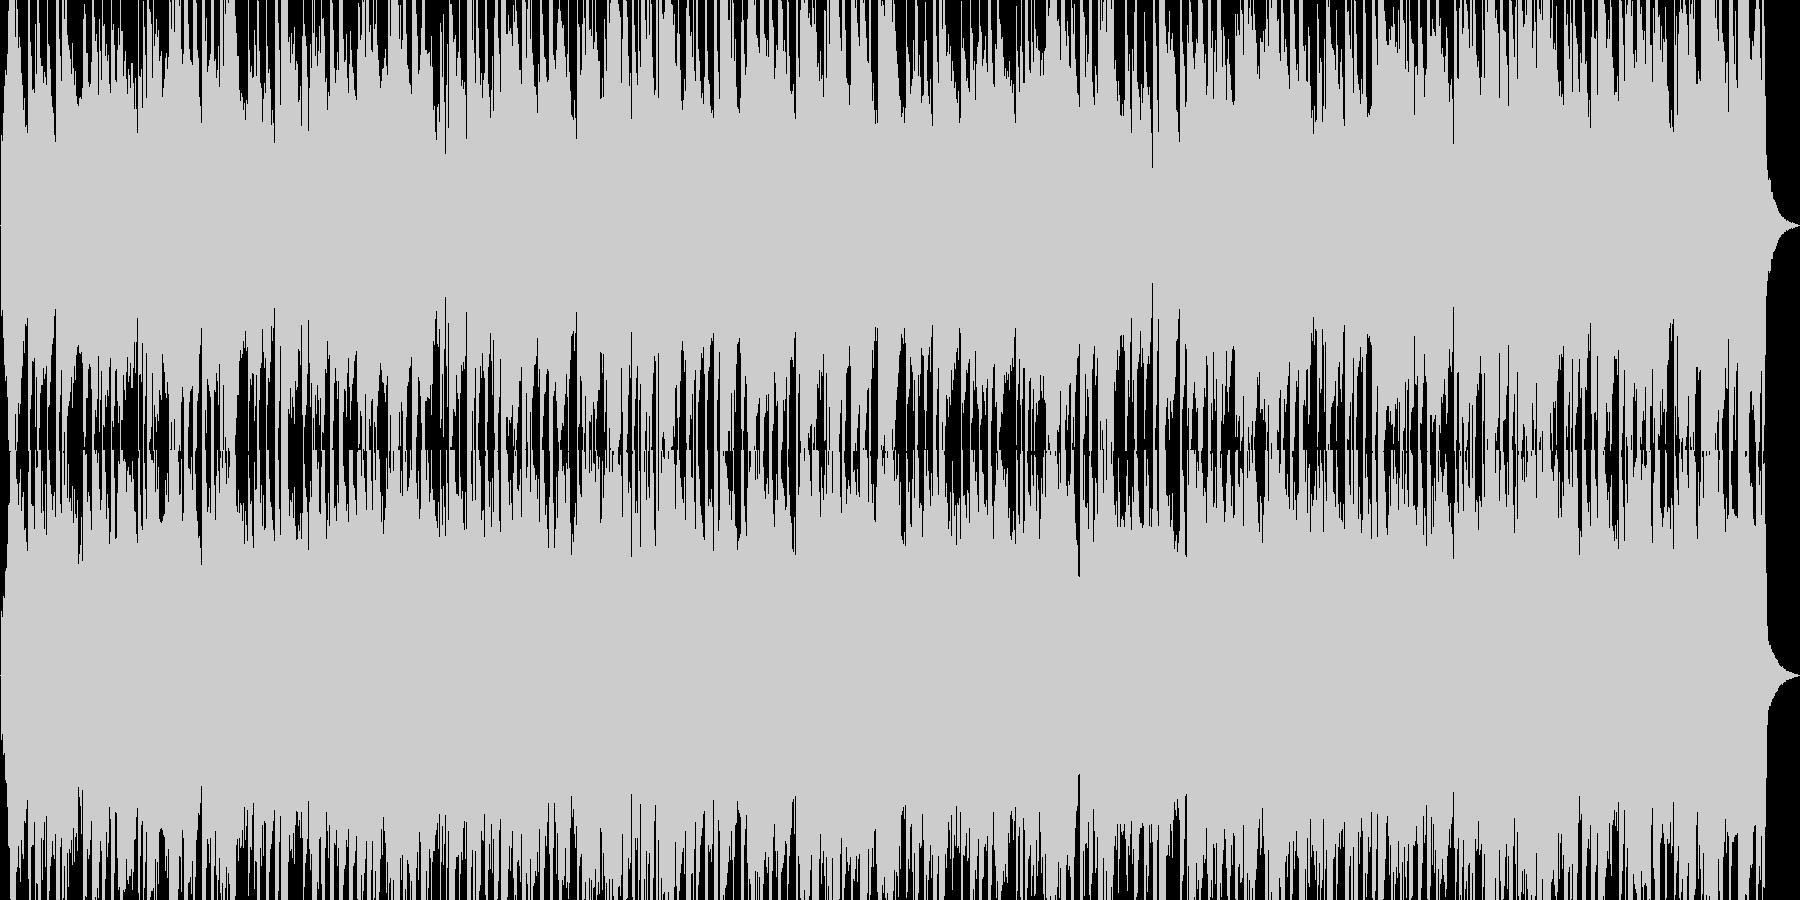 ハープ3拍子優しくて明るいカノン進行の未再生の波形